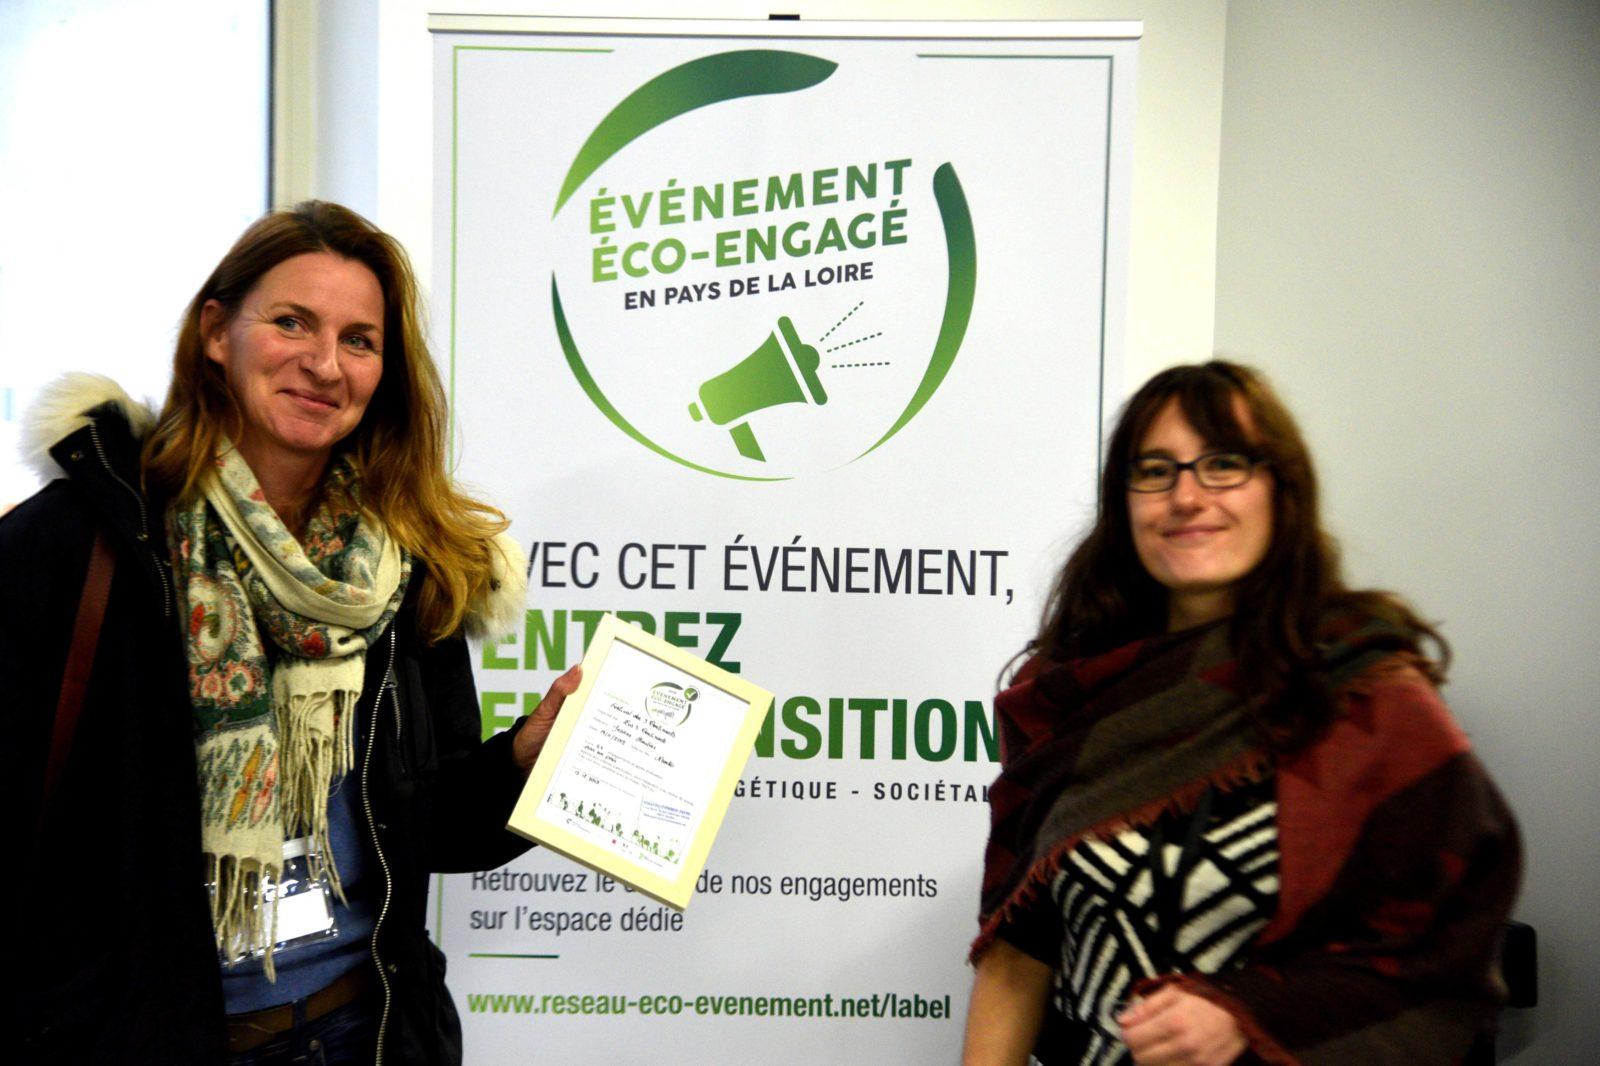 Jeanne Moulias, Festival des 3 Continents et Lola Turpin, réseau REEVE